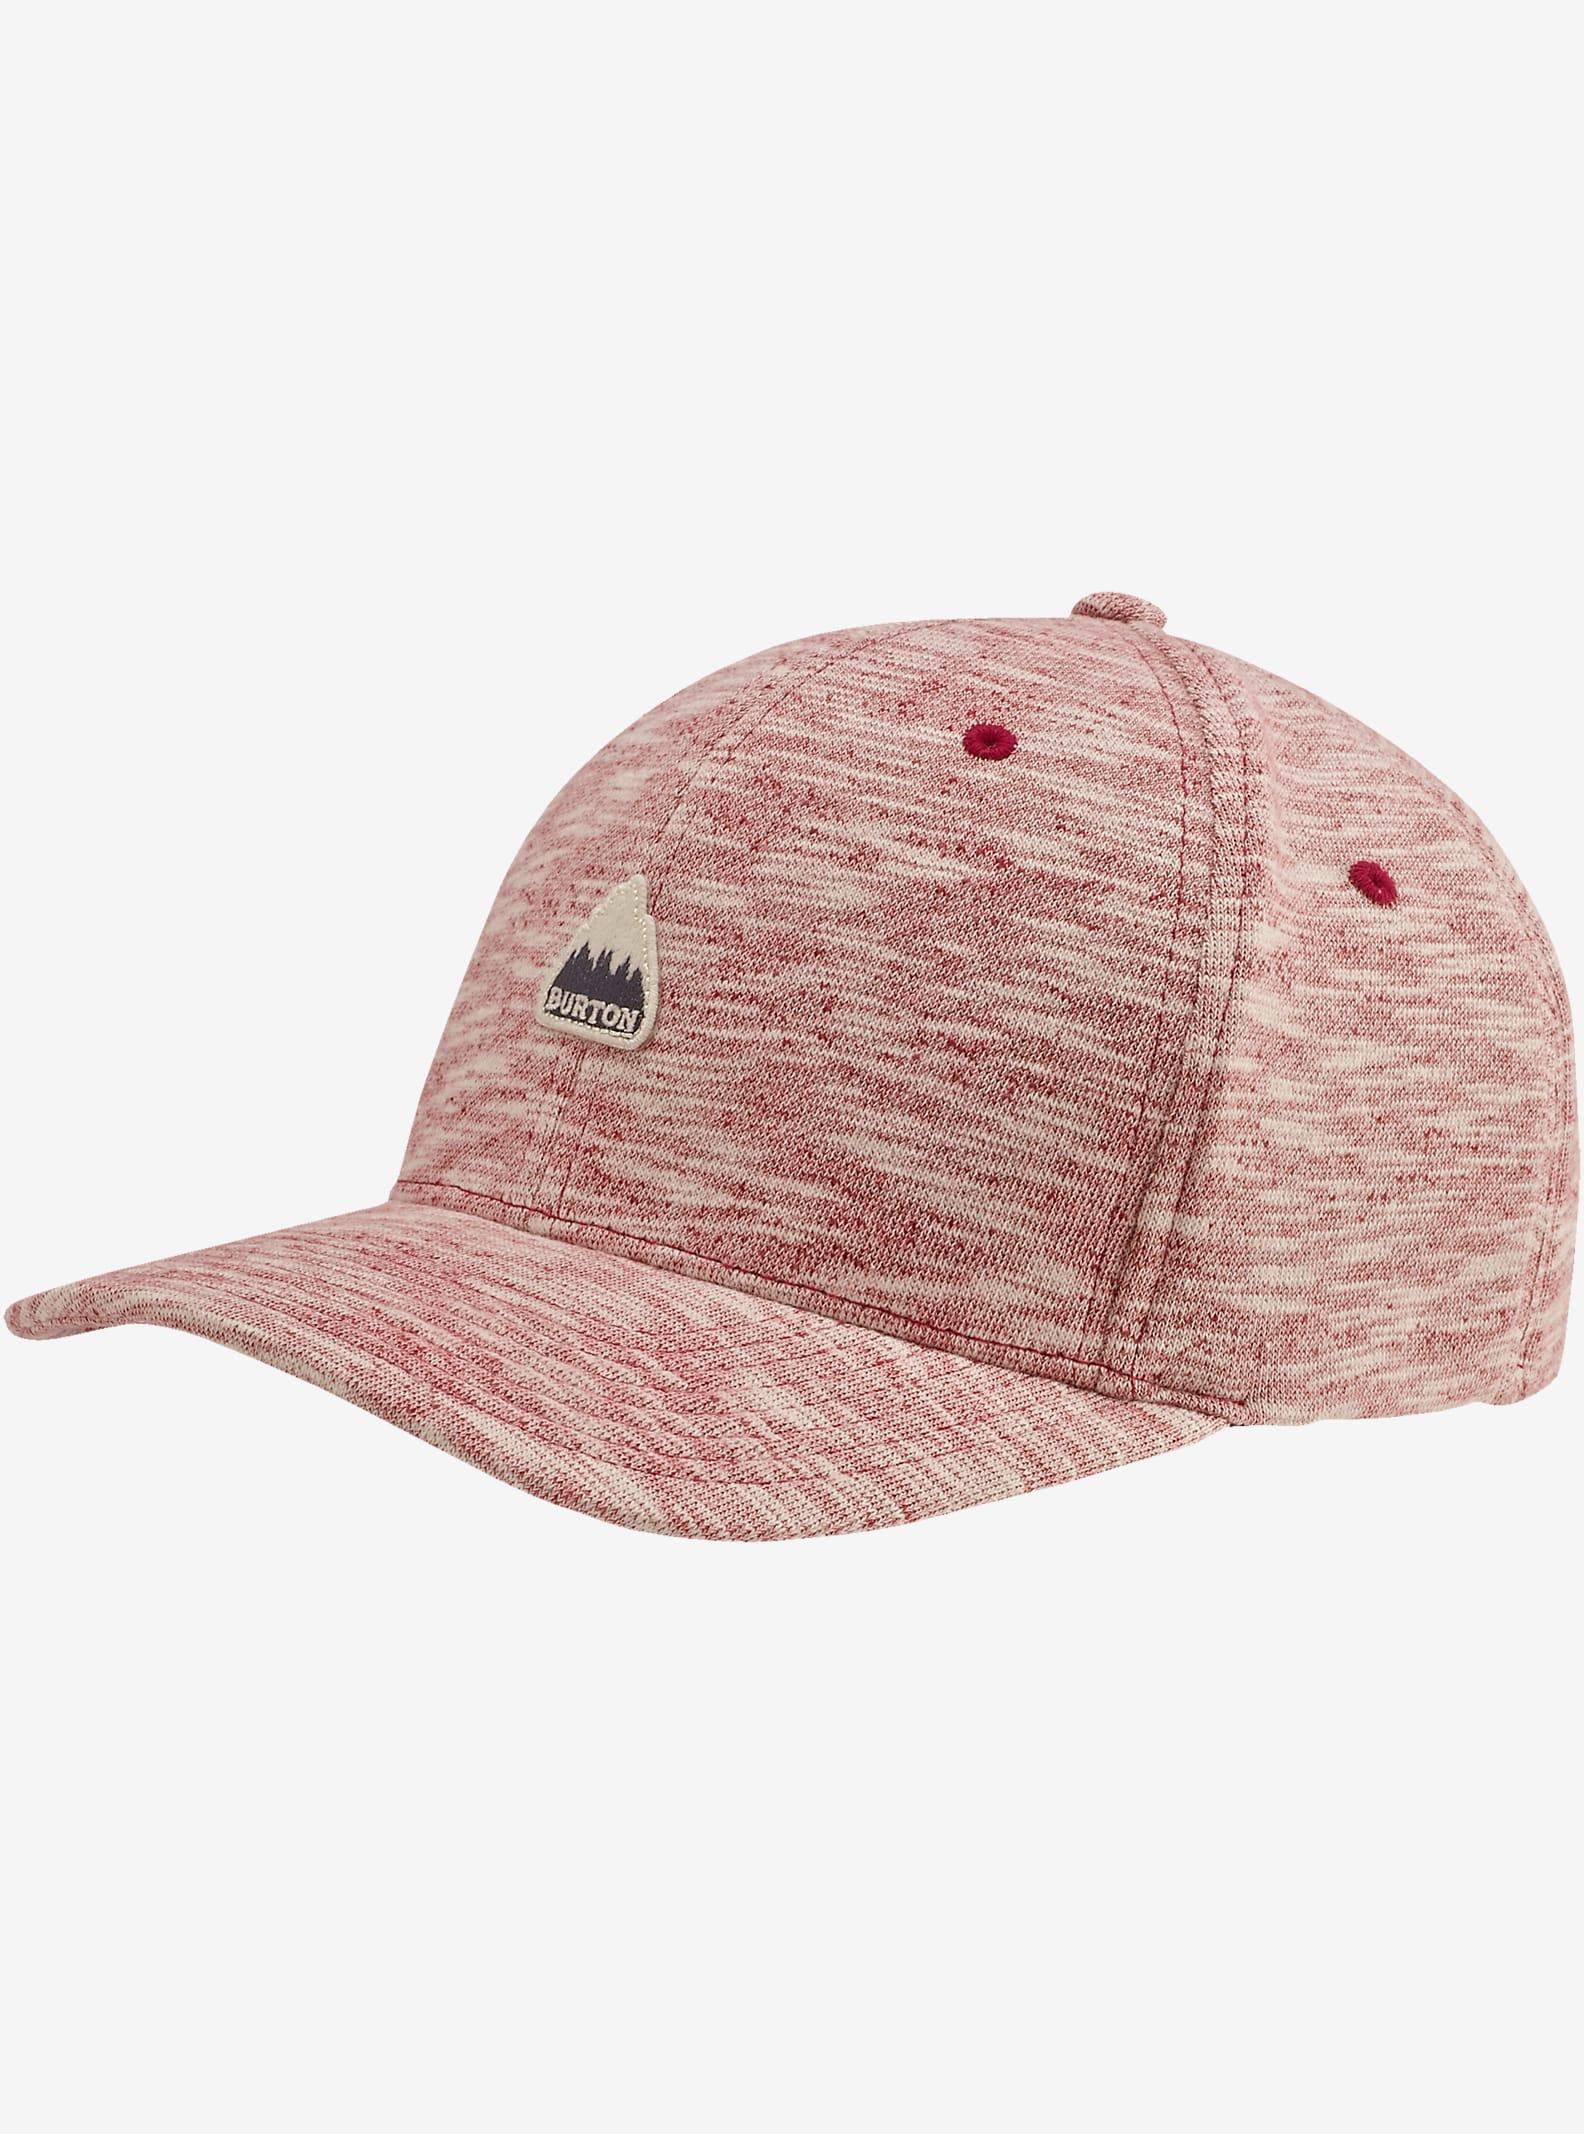 Burton Ace Flex Fit Hat shown in Brick Red